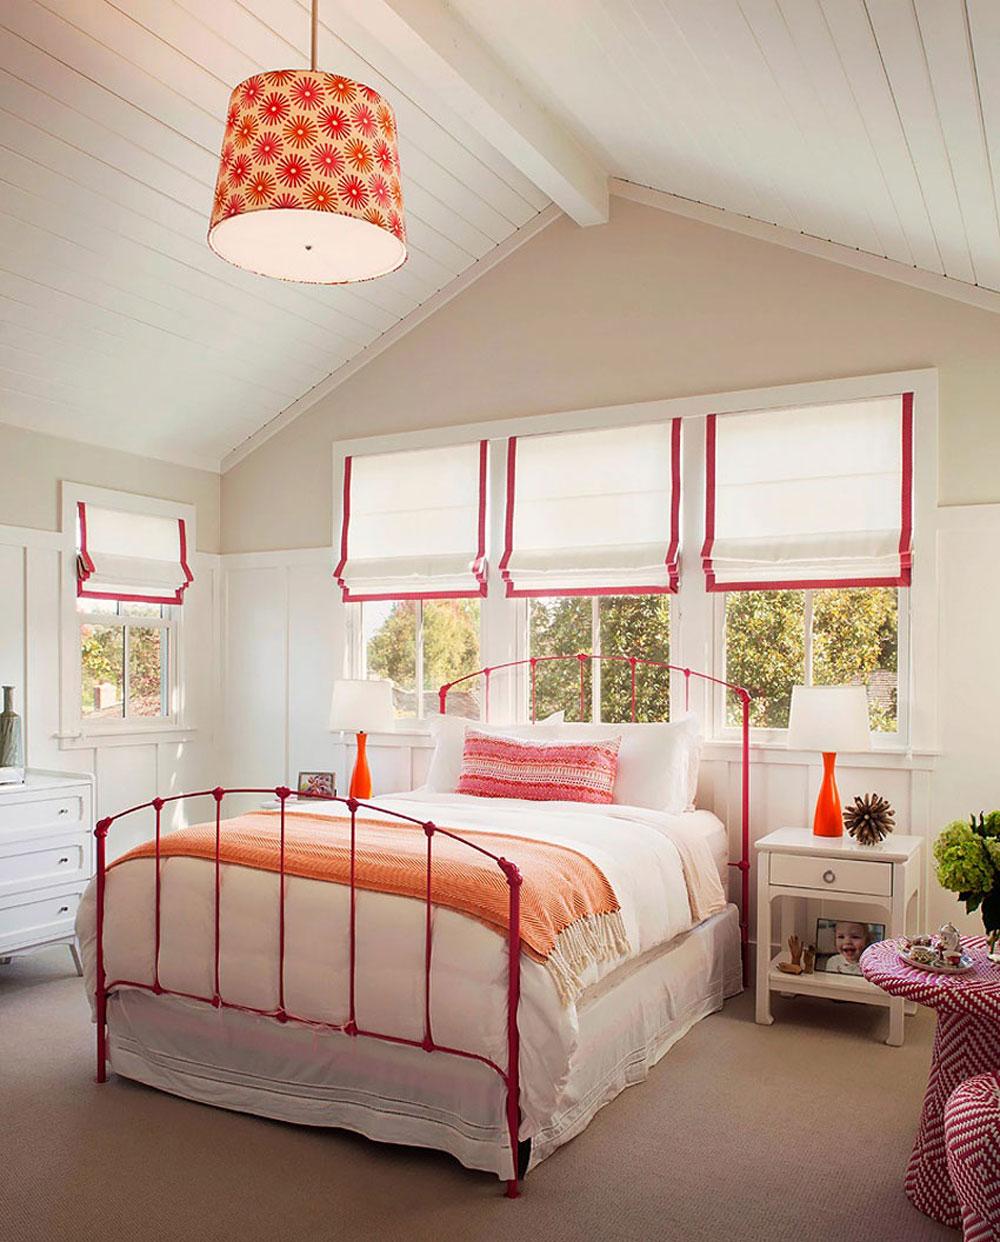 Du vill-se-detta-sovrum-interiör-design-galleri-2 Du vill se detta sovrum interiördesign galleri